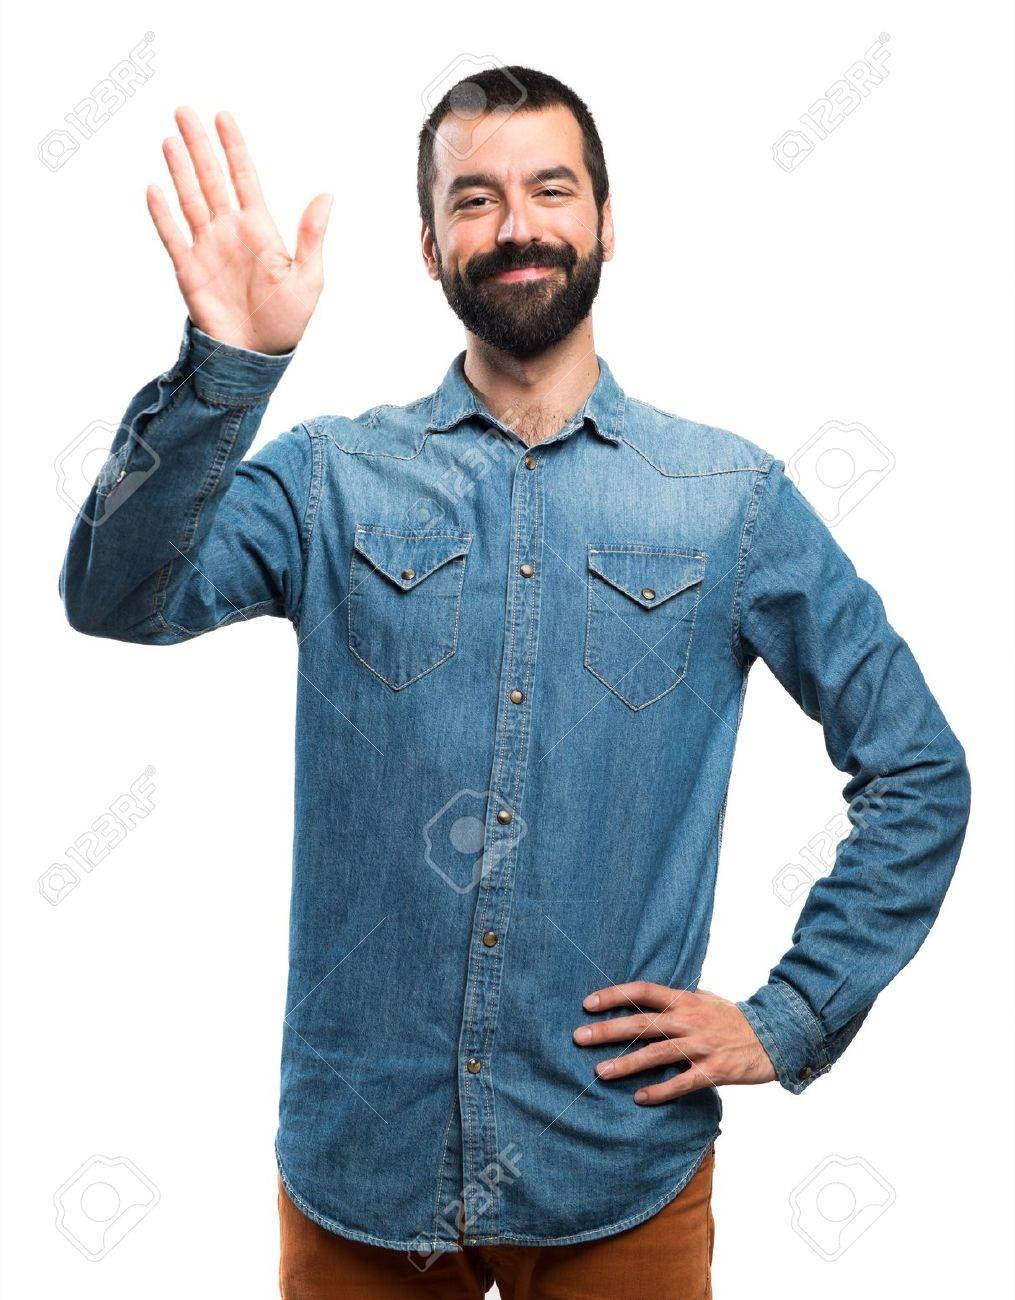 Man saluting - 51495133